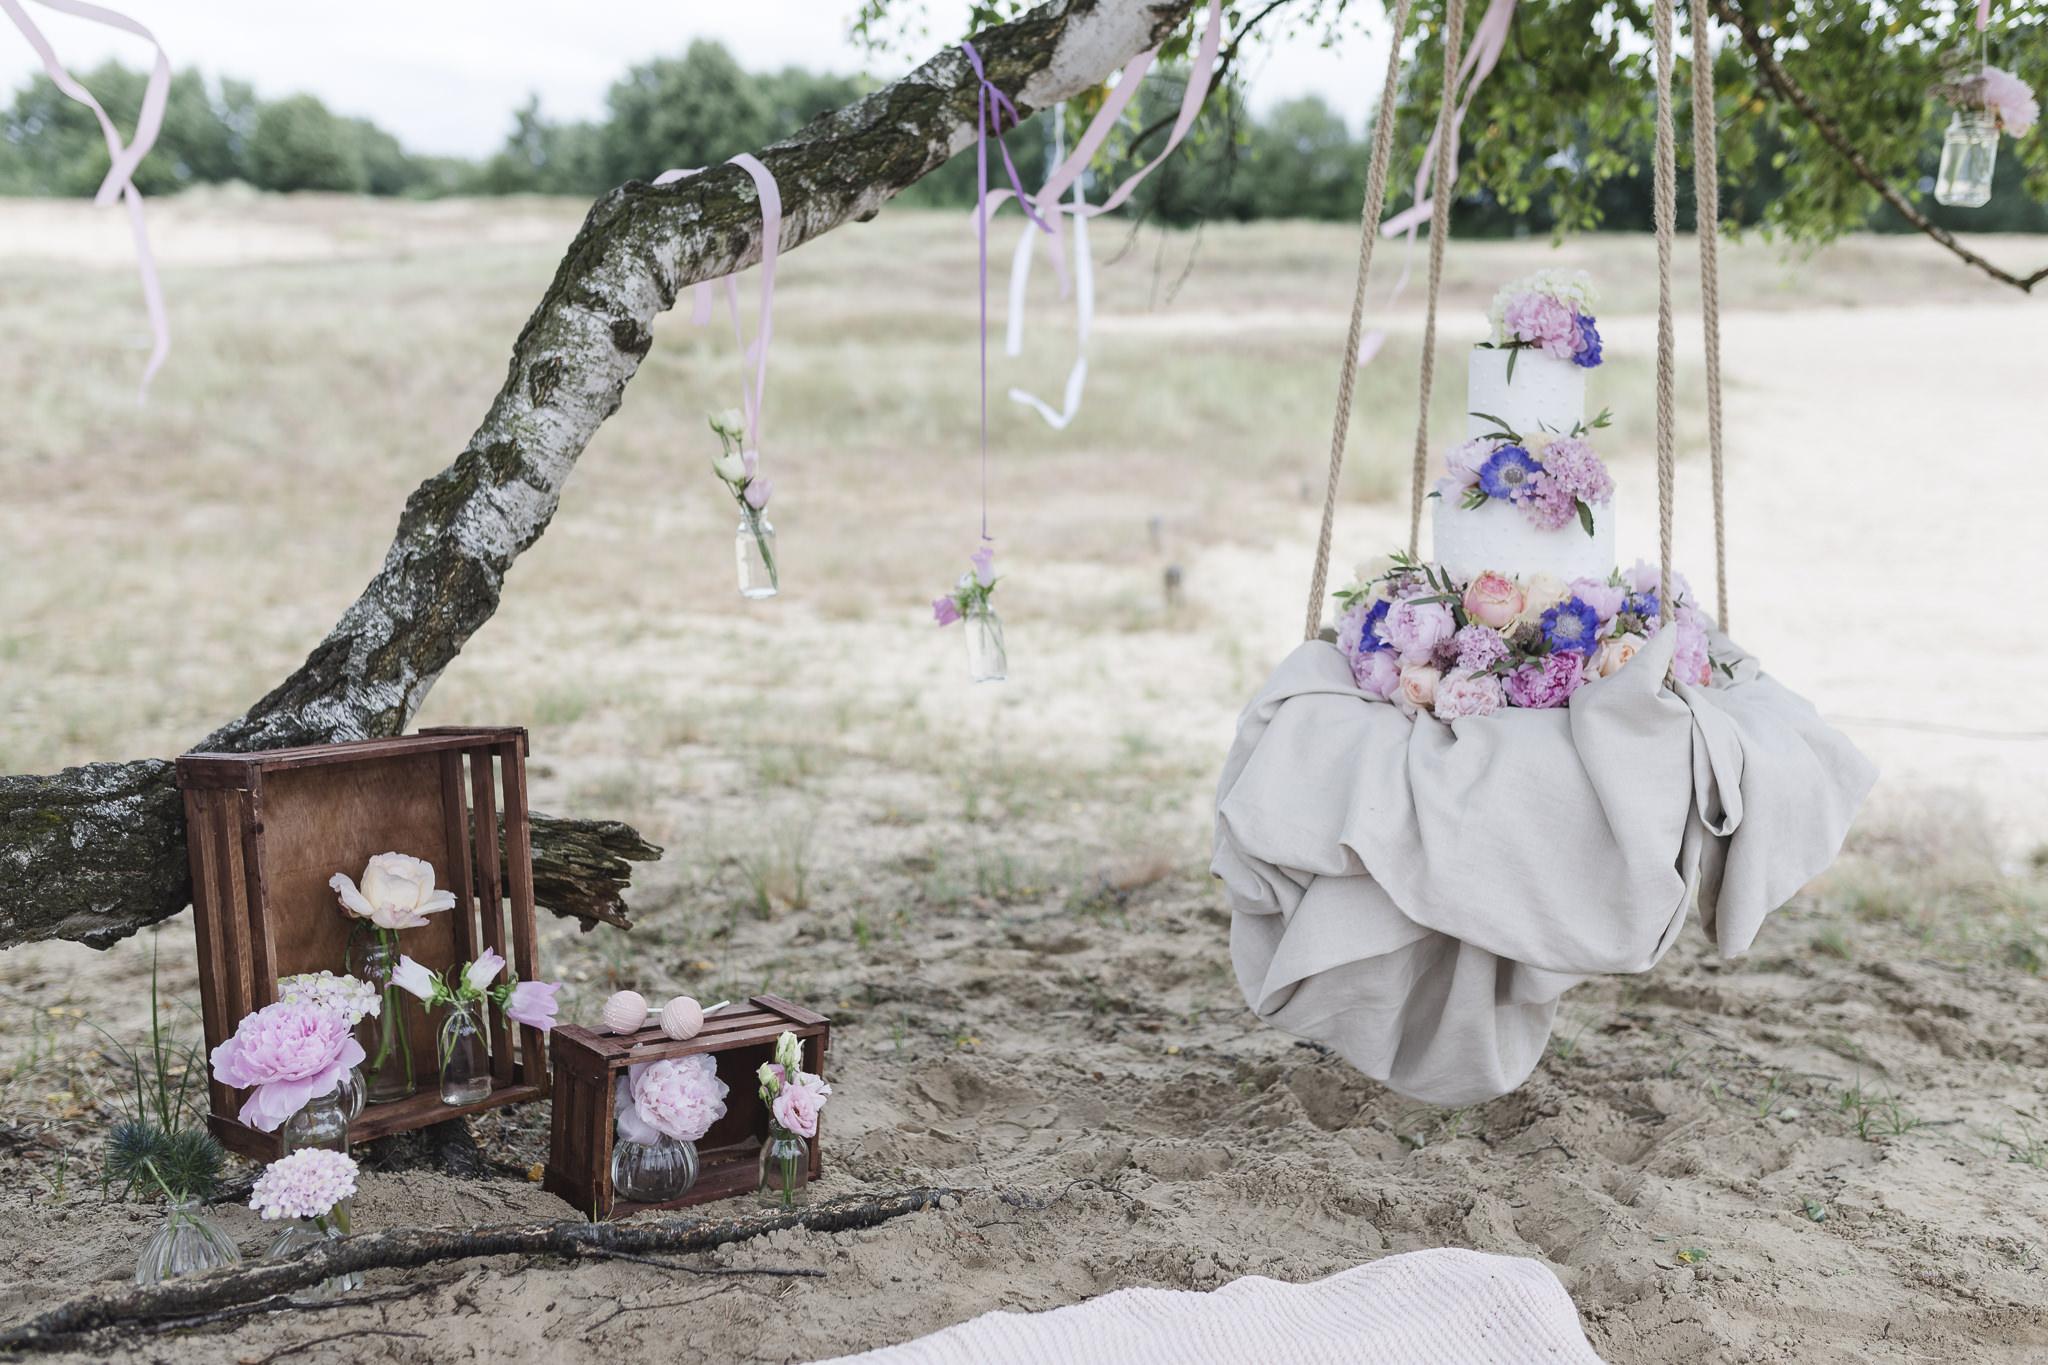 Hochzeitsinspirationen - die Hochzeitstorte hängt auf einer Schaukel im Baum